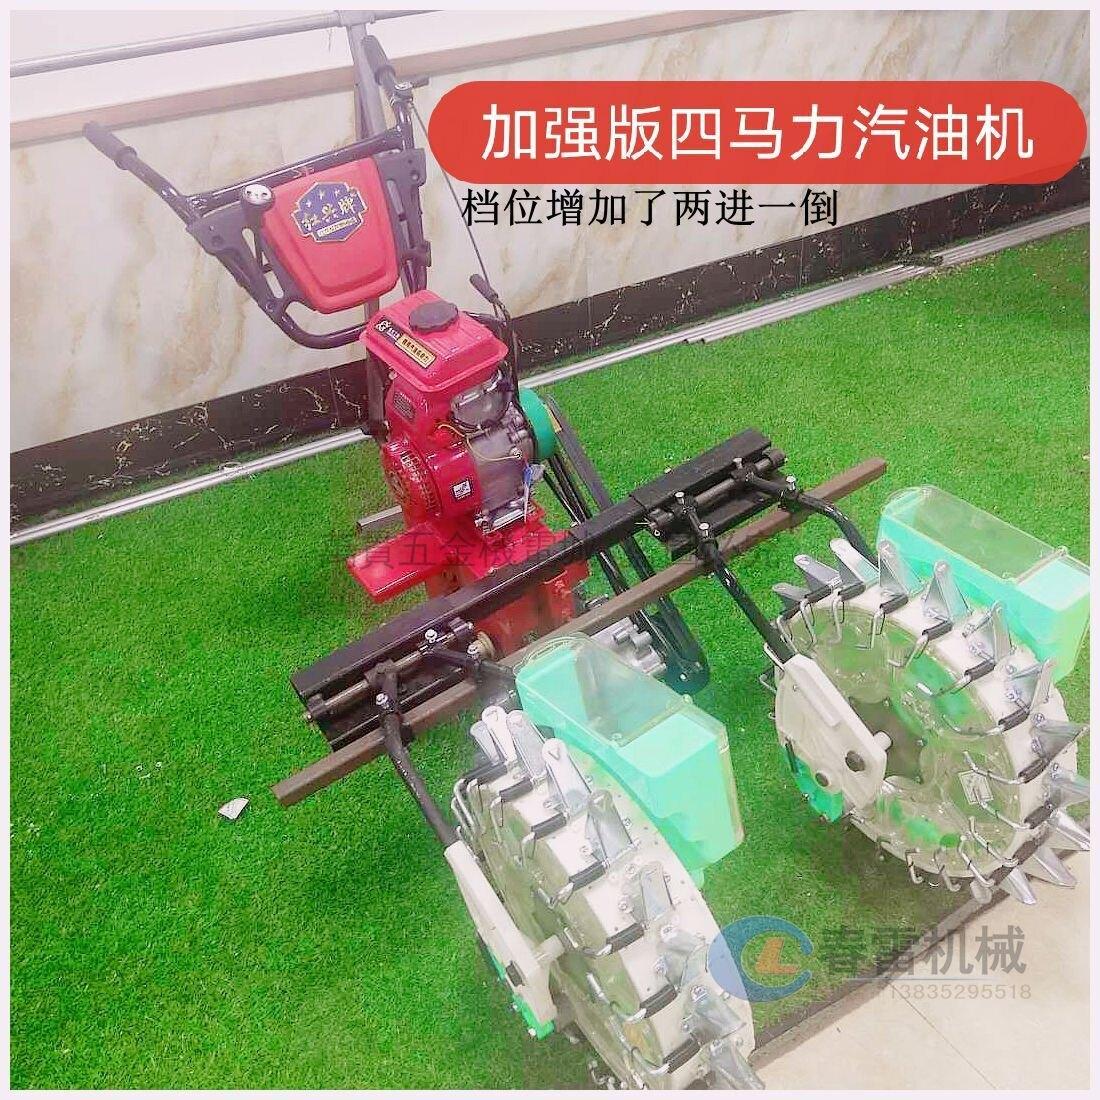 【超級農機】汽油機播種器 自走式雙行多功能播種機 玉米高粱穀子蘿蔔白菜荷蘭豆